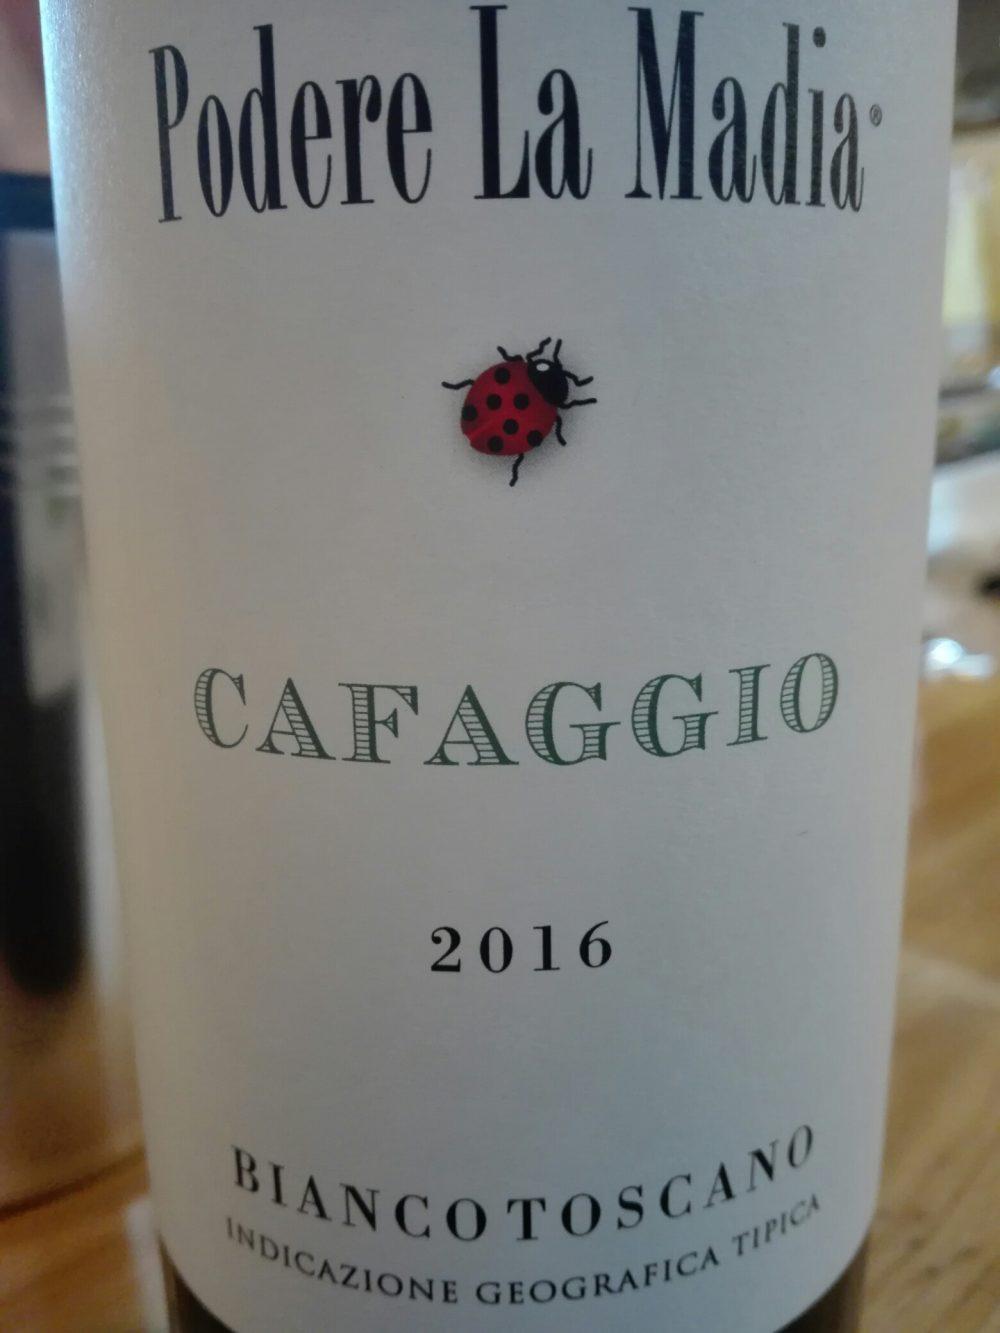 Cafaggio 2016 Podere la Madia Toscana IGT